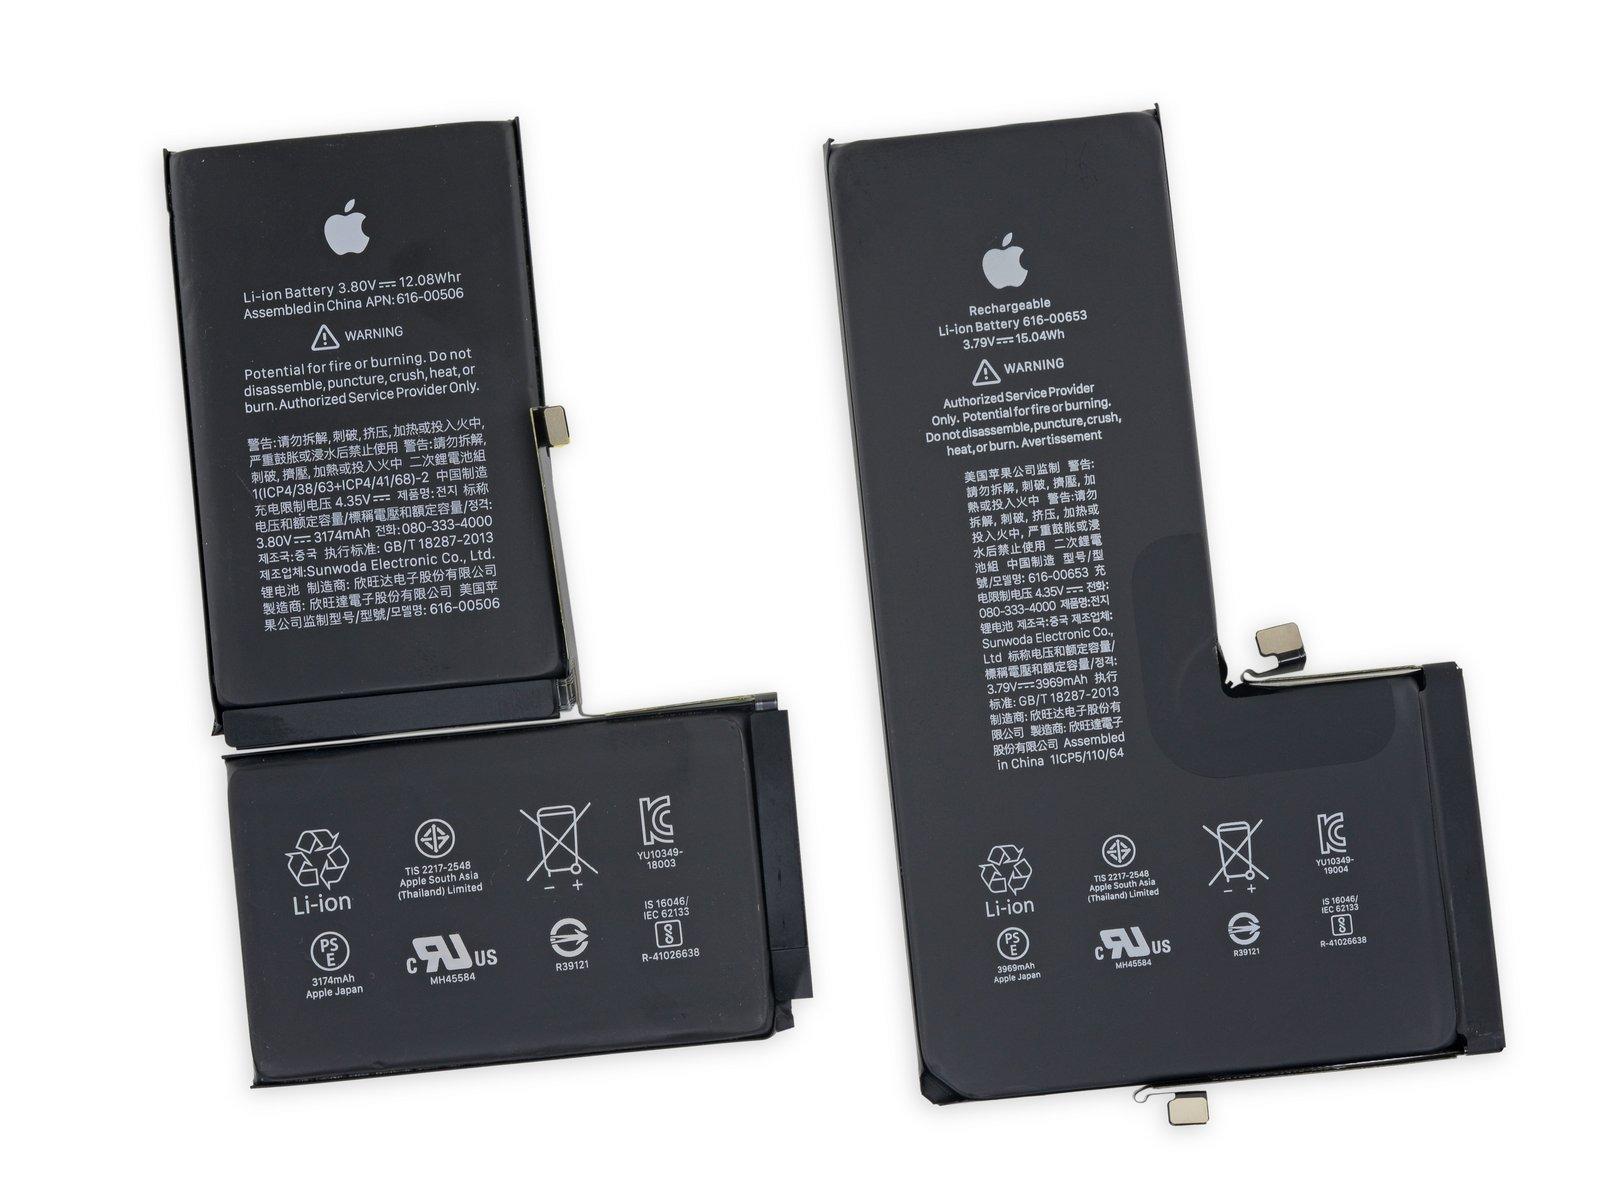 Batería del iPhone XS (izquierda) y iPhone 11 Pro (derecha)